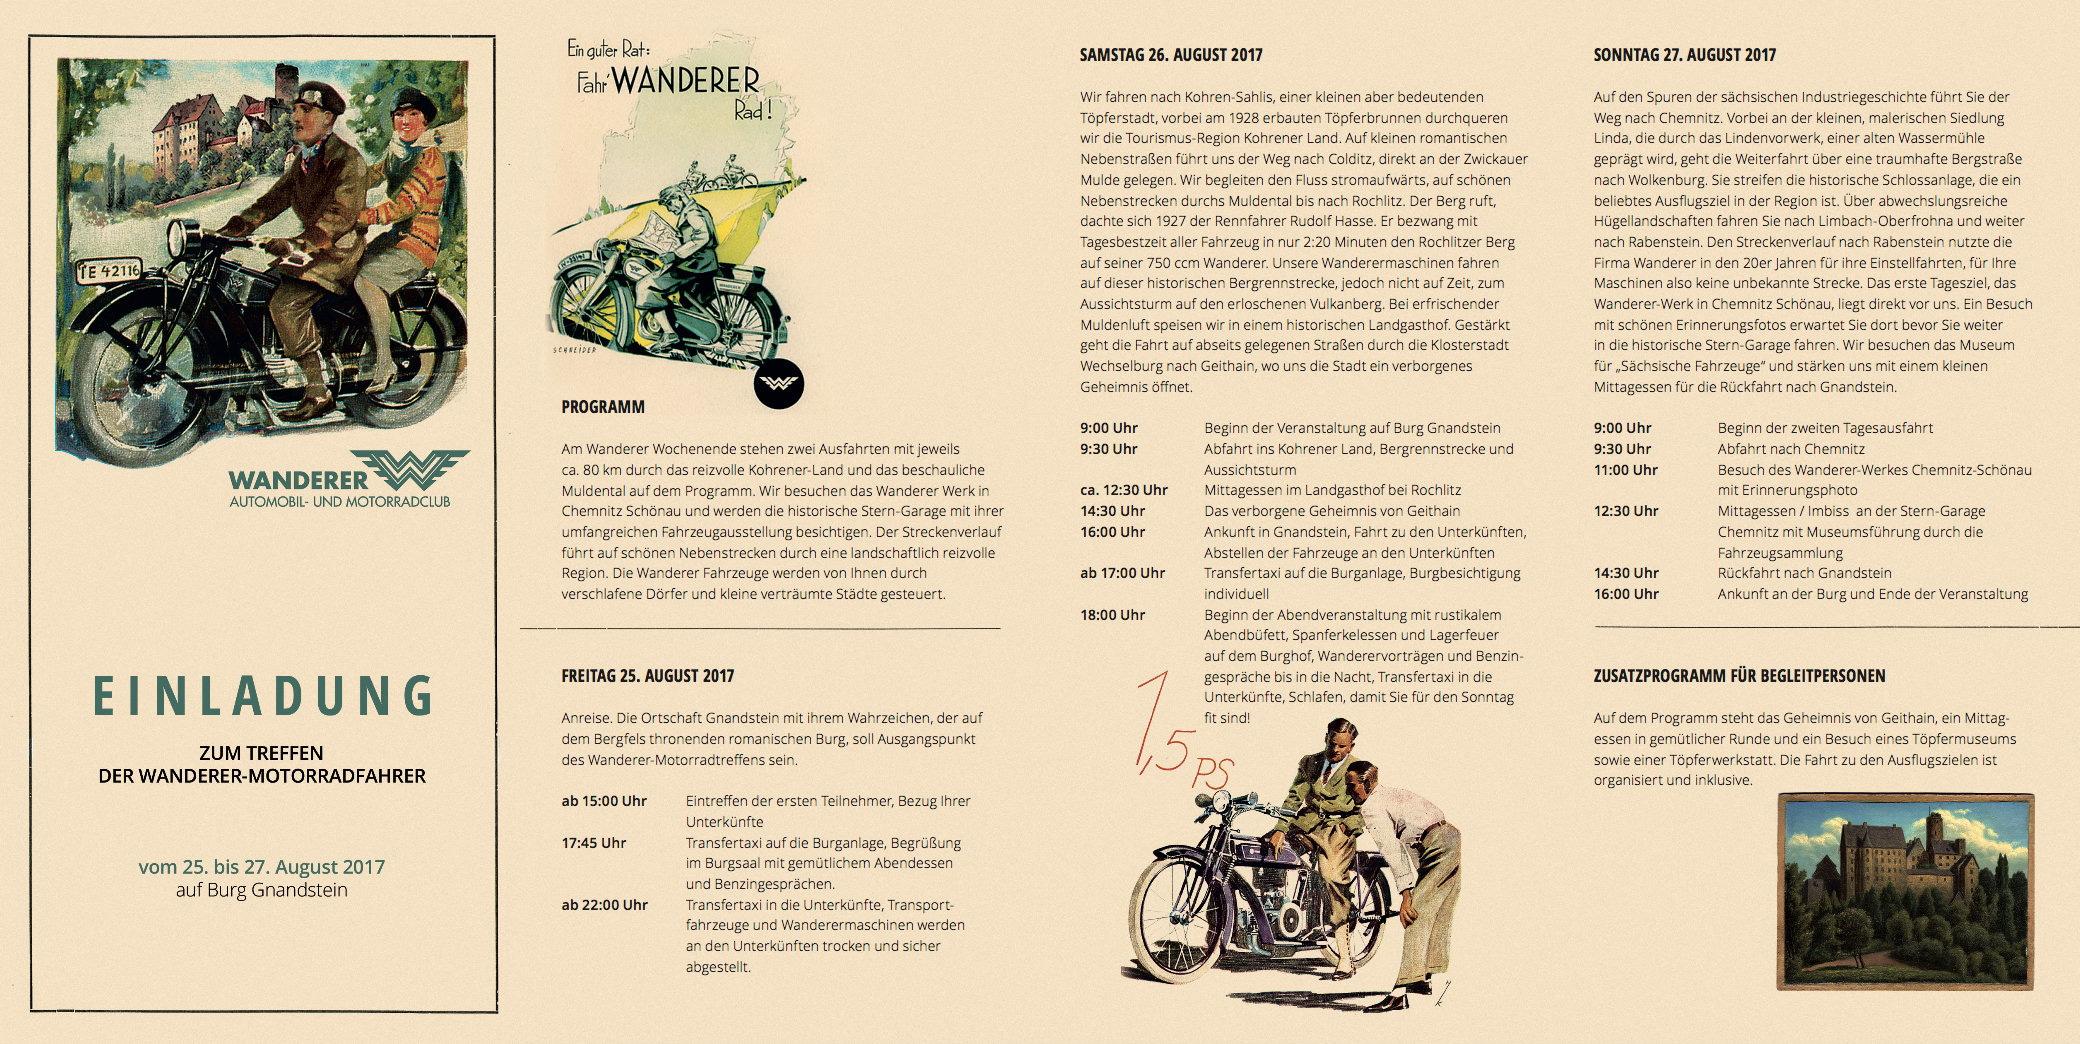 Treffen der Wanderer-Motorradfahrer